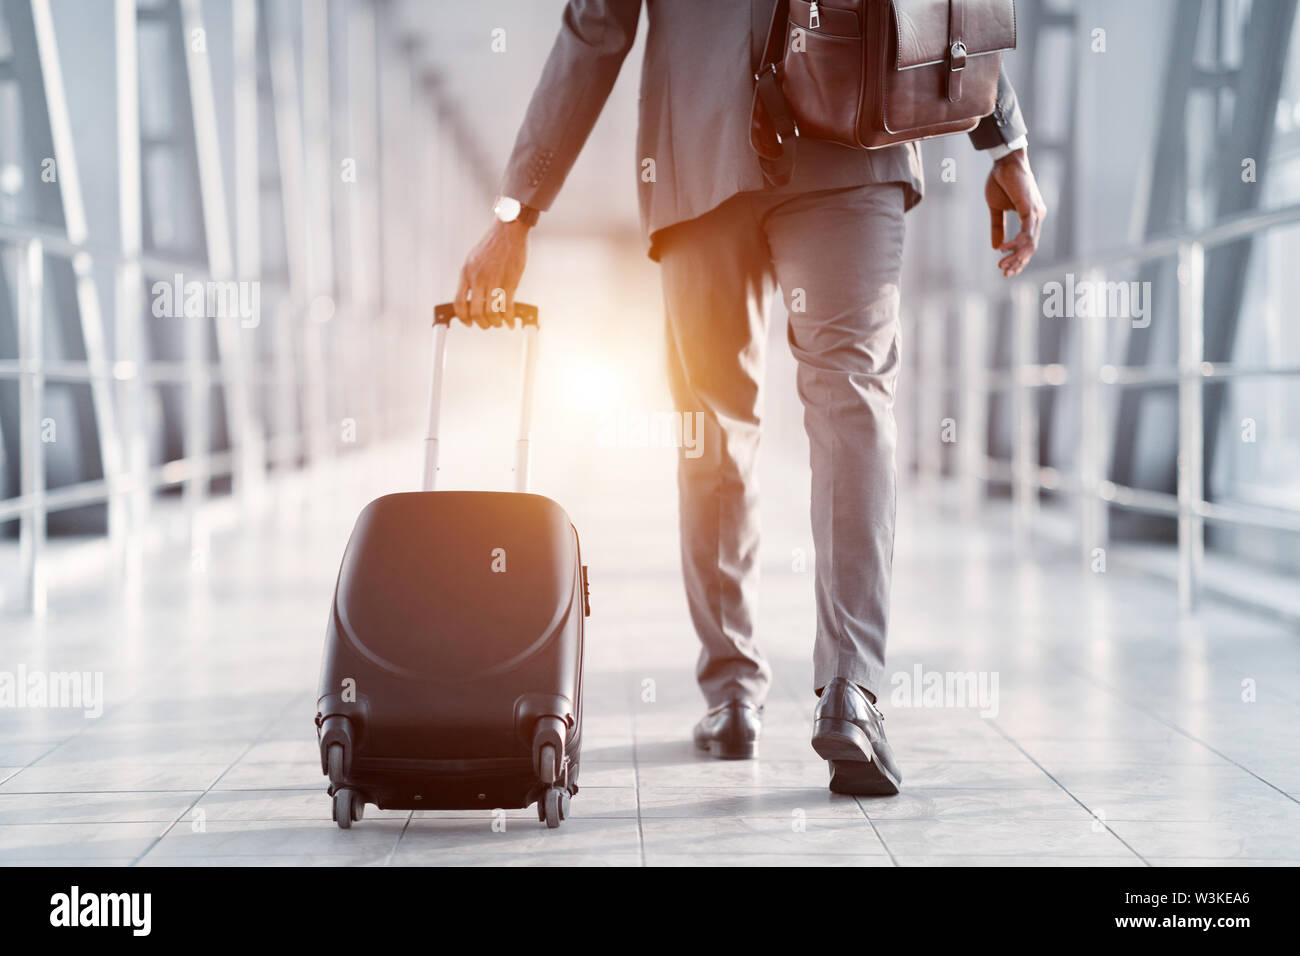 Businessman Hurrying on Plane, Walking Through Passenger Bridge - Stock Image